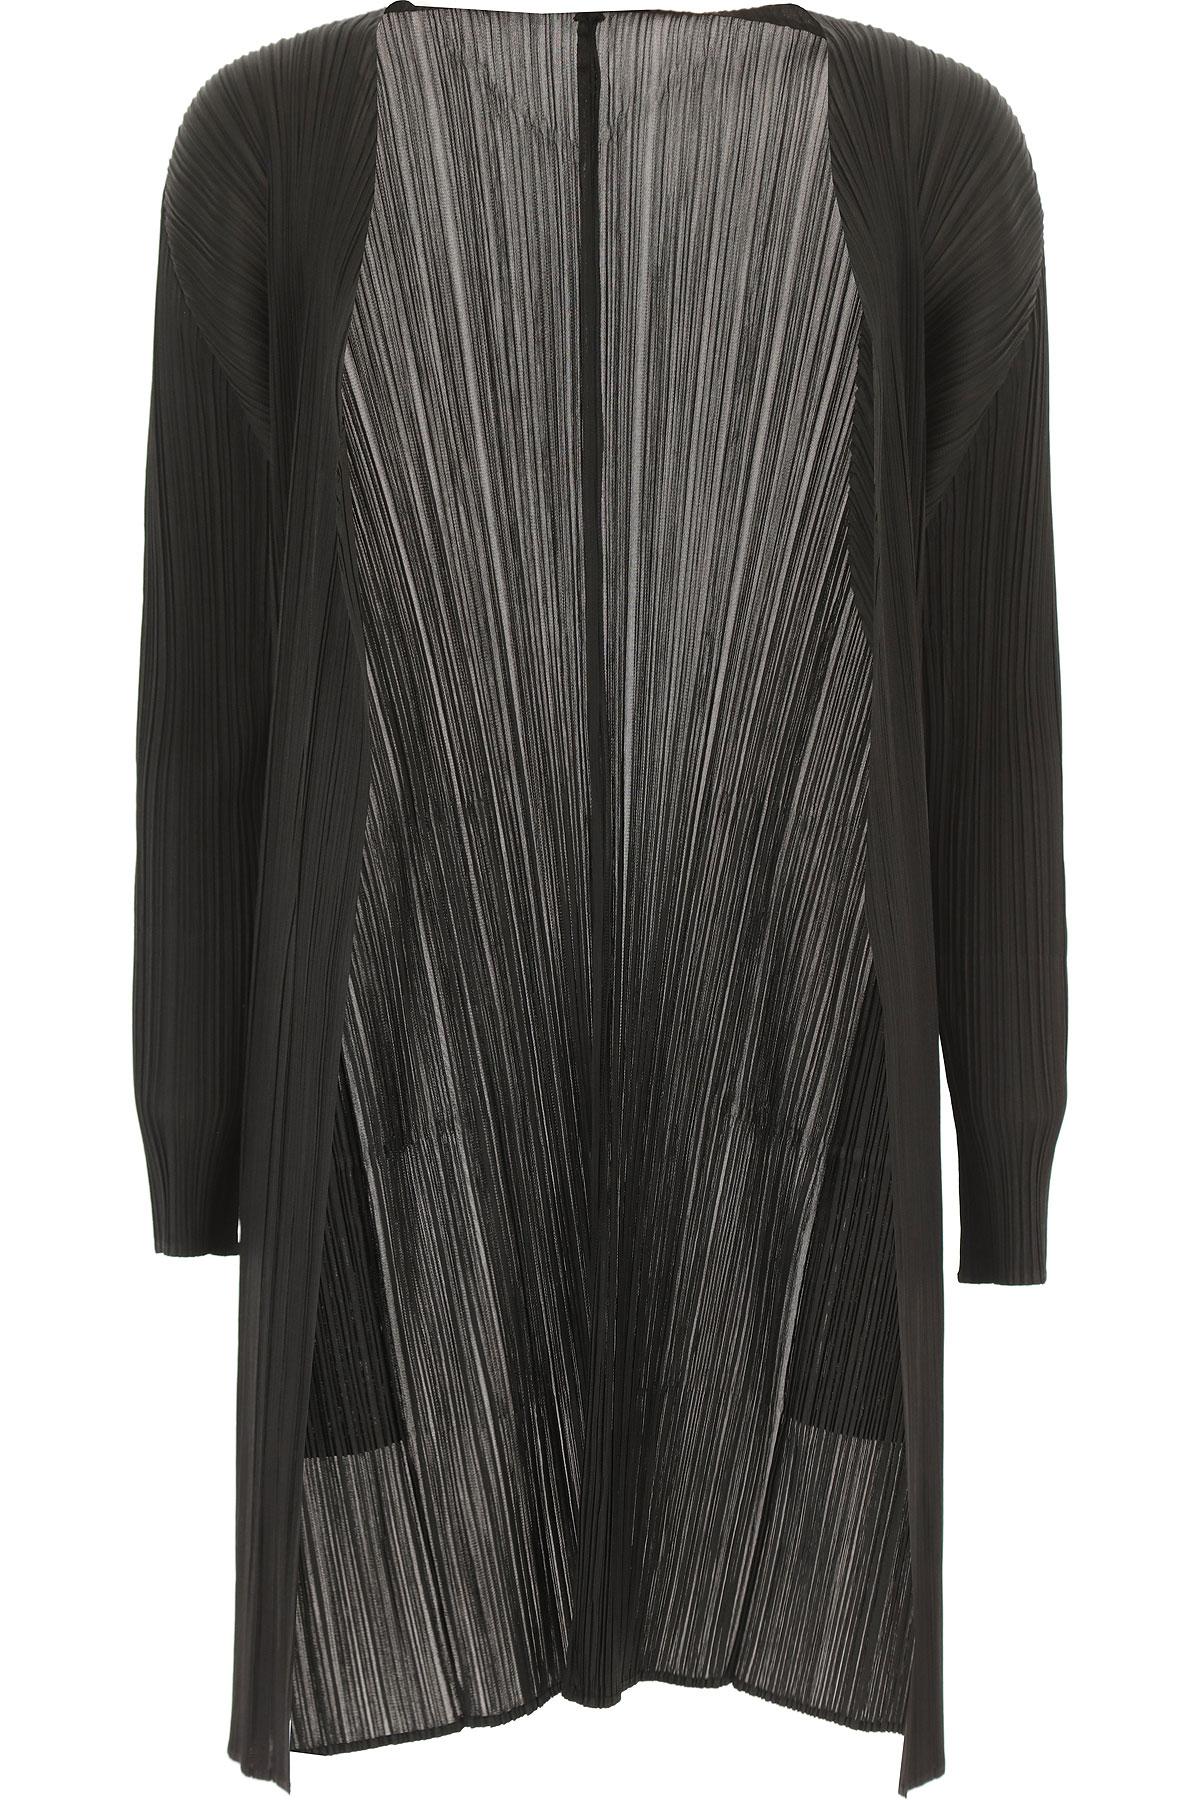 Pleats Please Jacket for Women On Sale, Black, polyester, 2019, 4